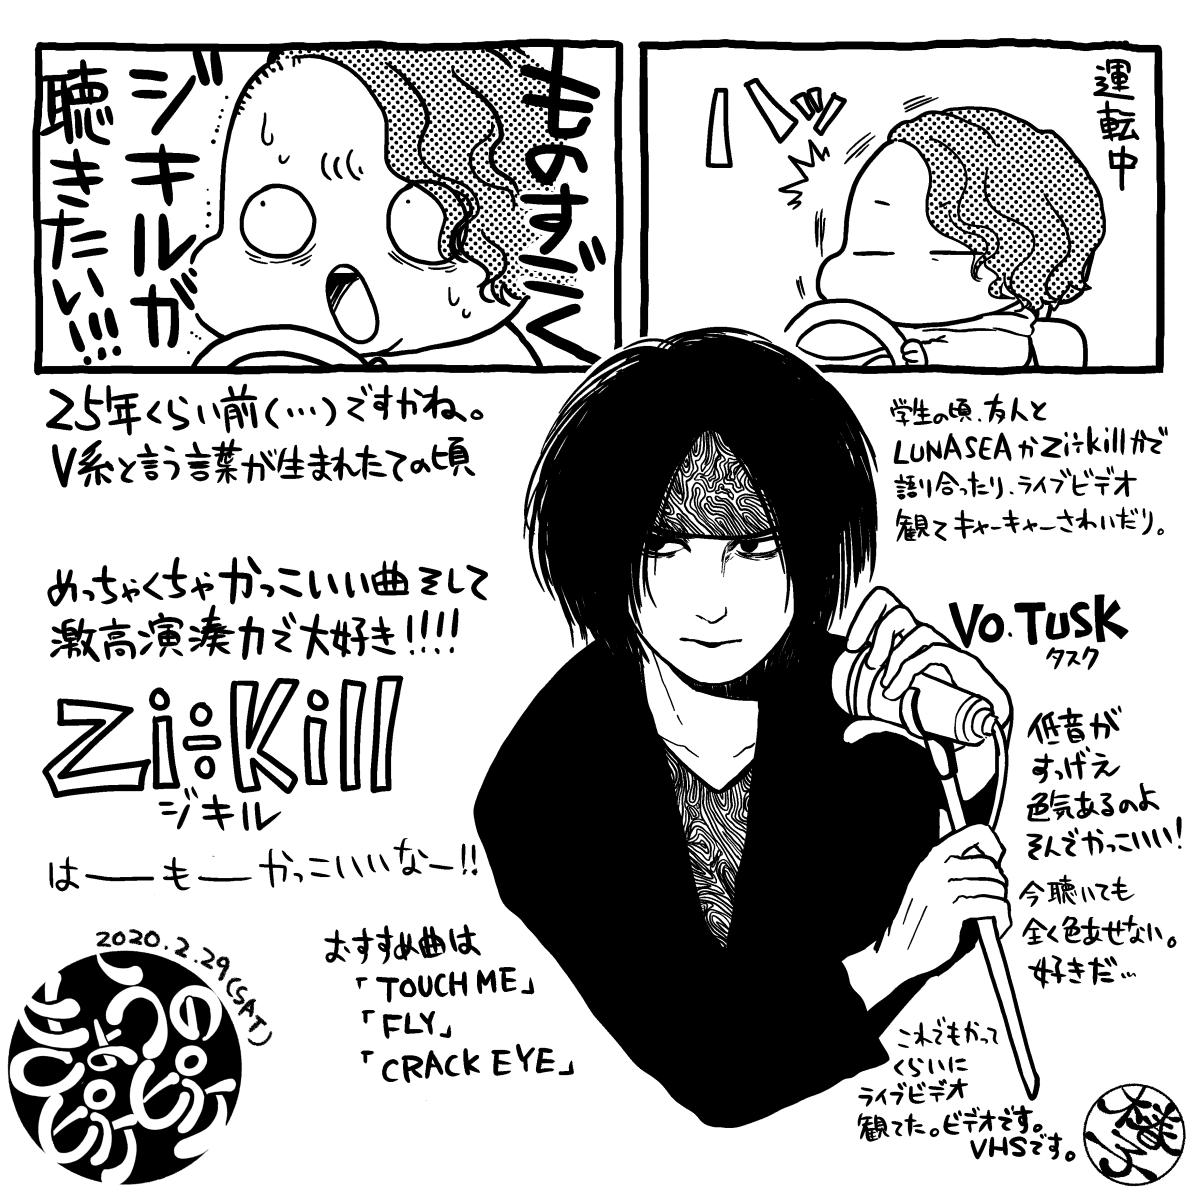 Zikill